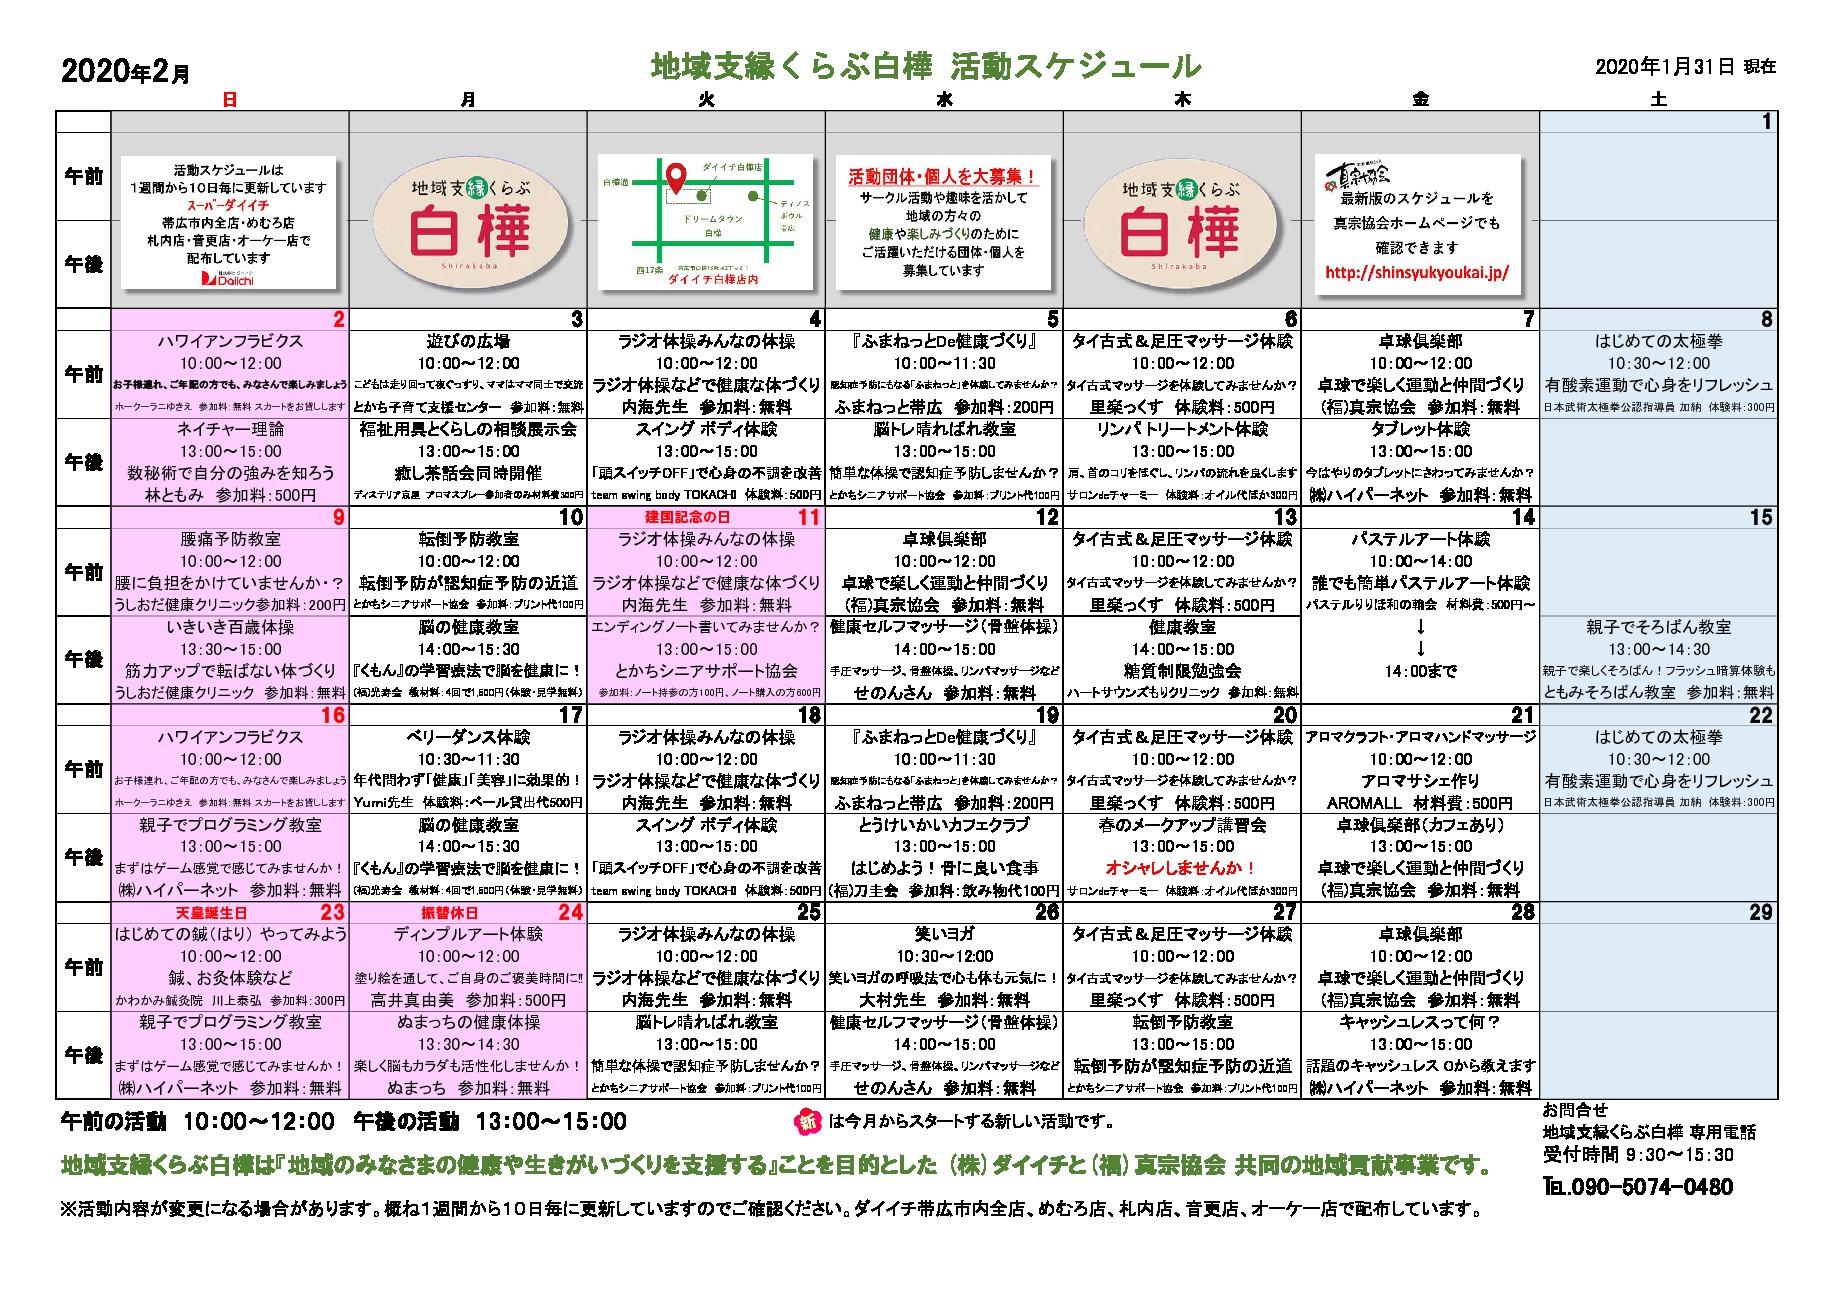 2019活動スケジュール2(2020.1.31付)のサムネイル